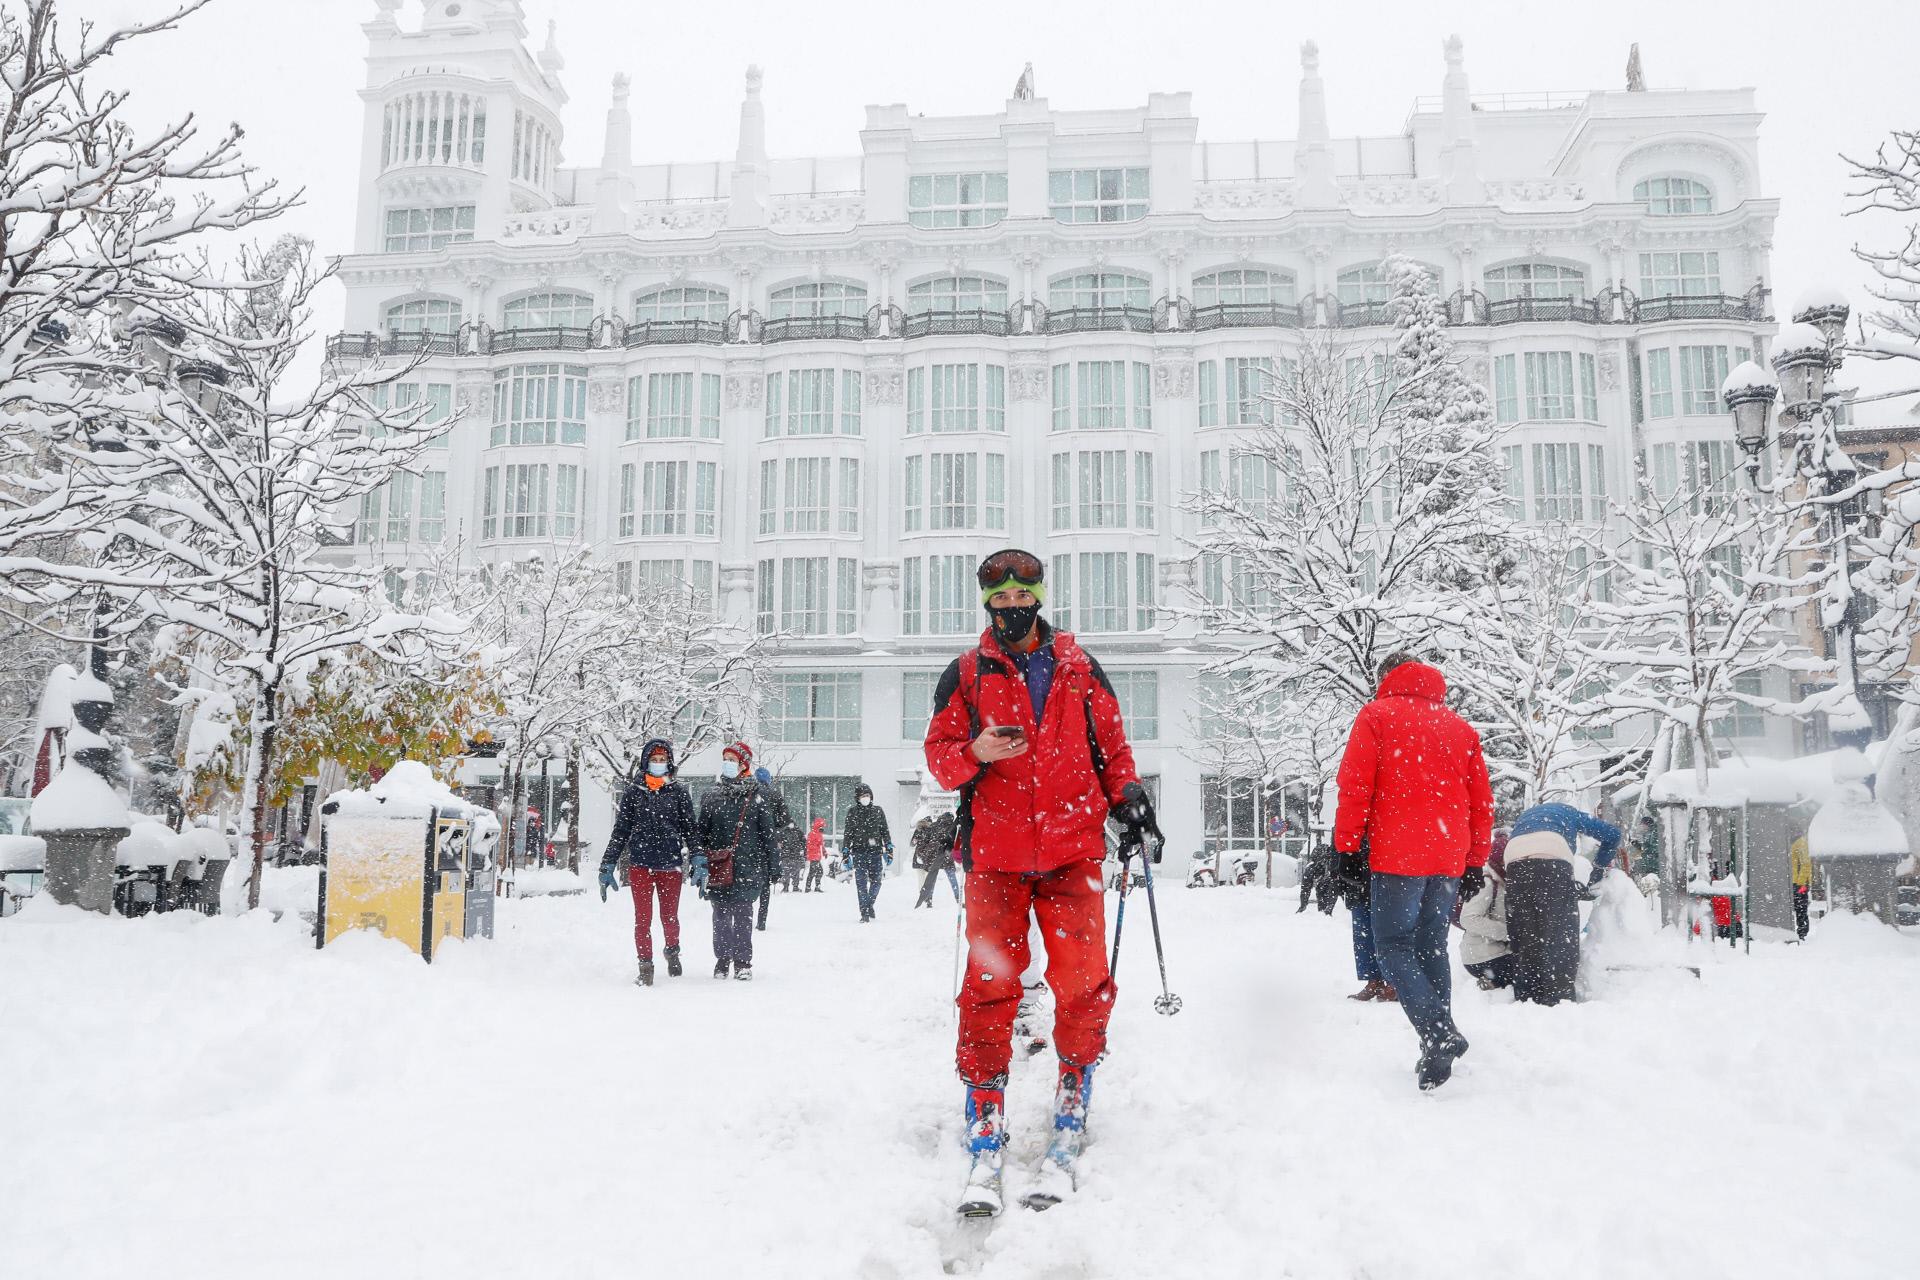 Otro paseo en plena nevada como si nada con los esquís por la Plaza de Santa Ana